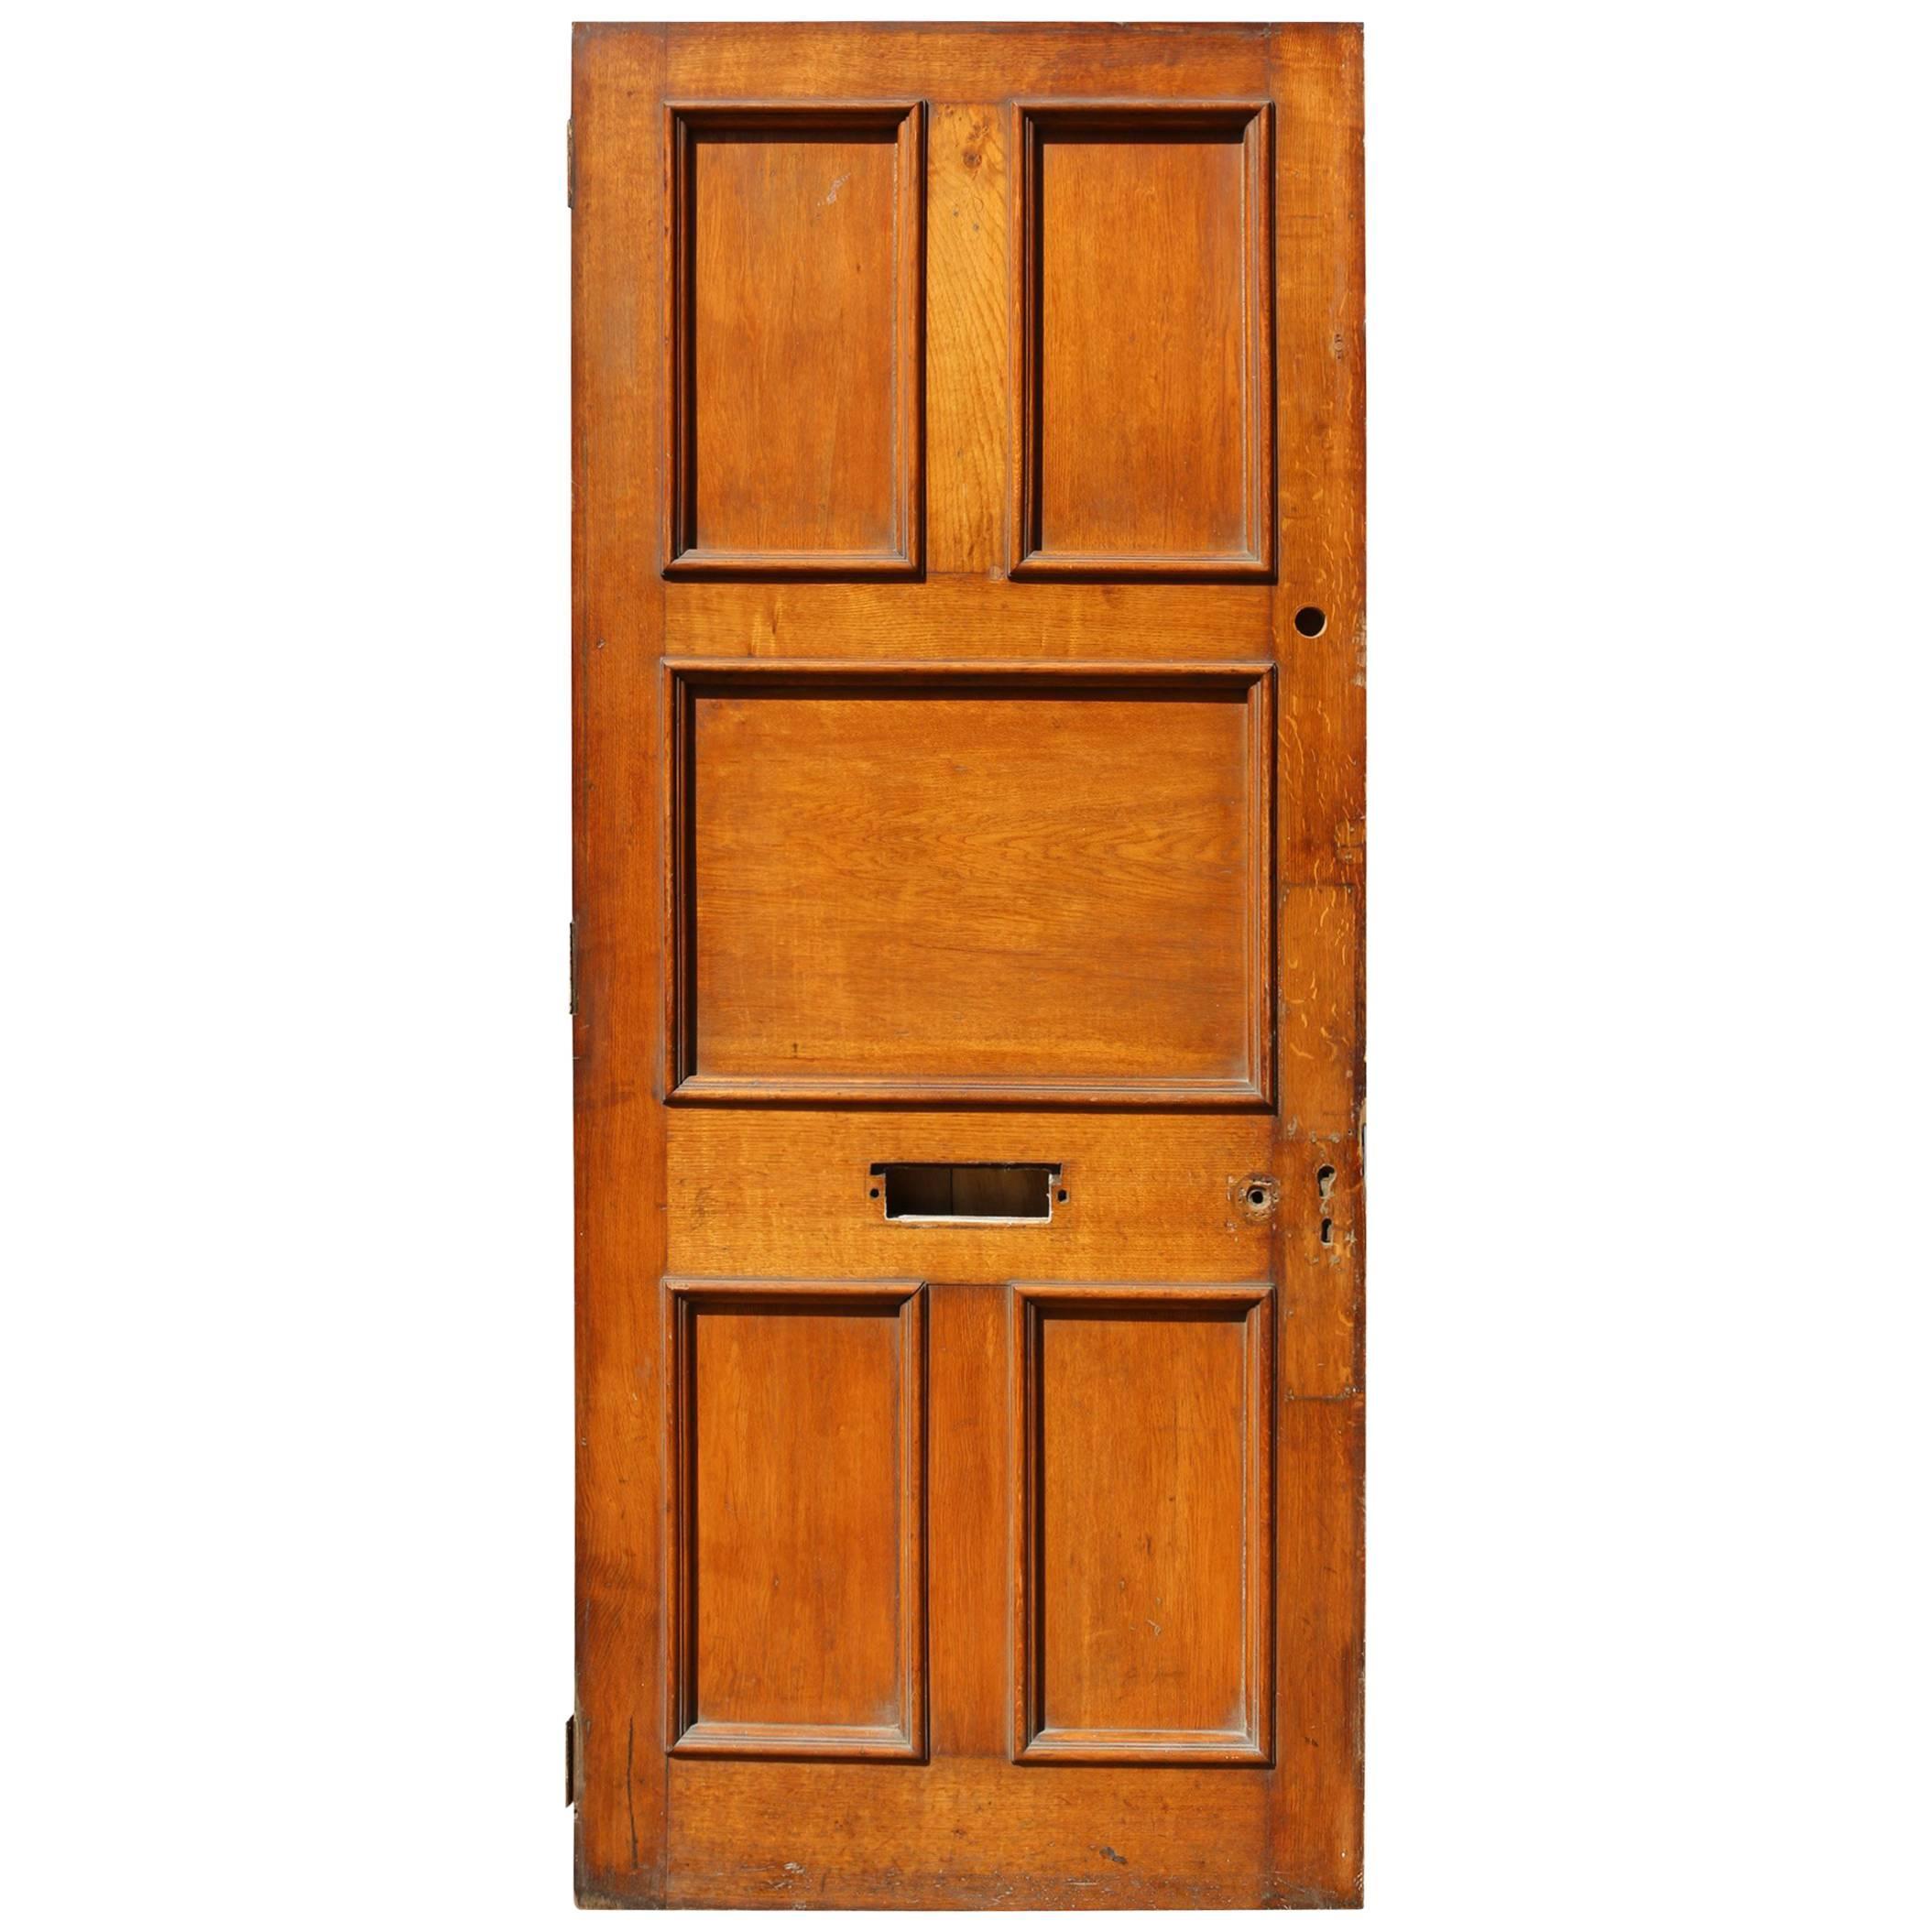 Antique Oak Exterior or Front Door